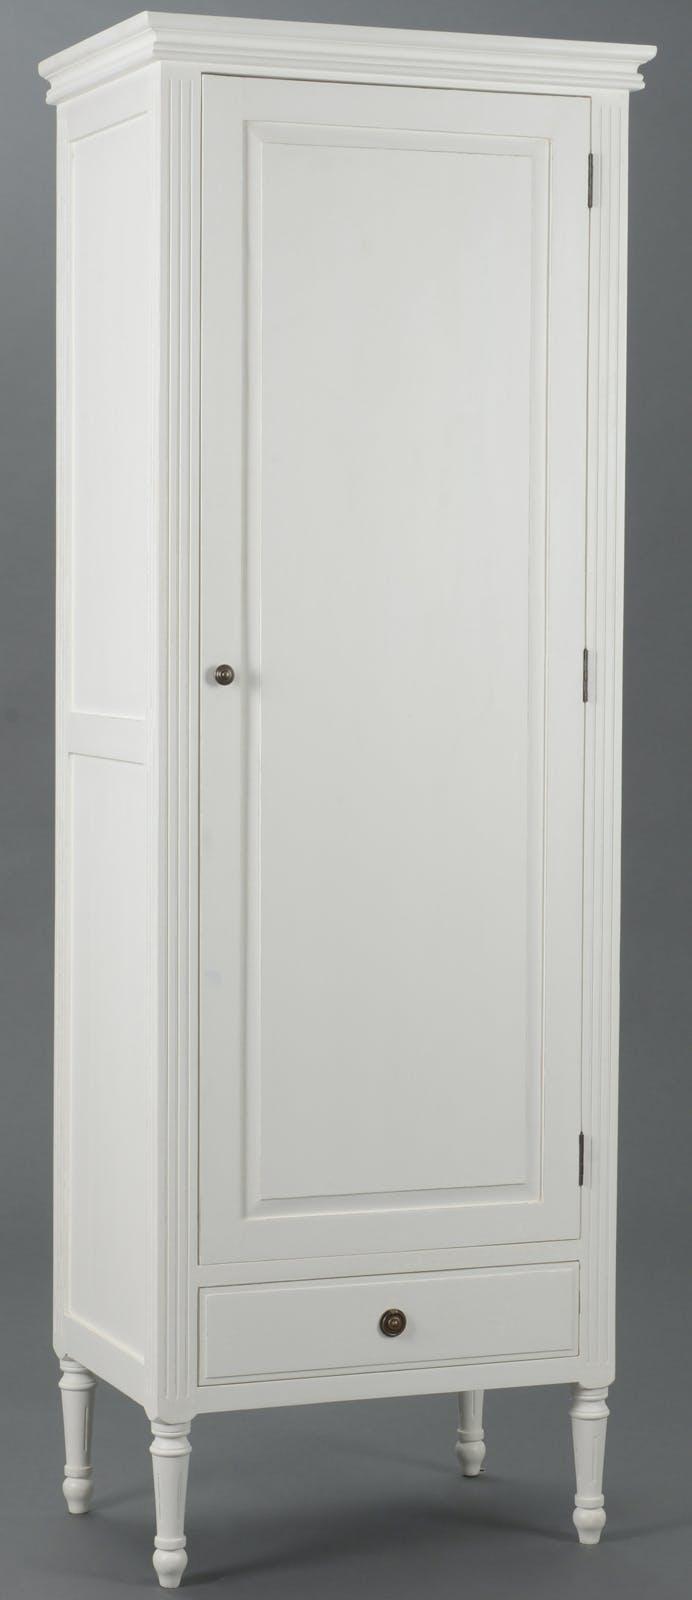 Bonnetière Classique Chic  1 porte, 1 tiroir AGATHE L65 X P45 X H185 Blanc Antique AMADEUS